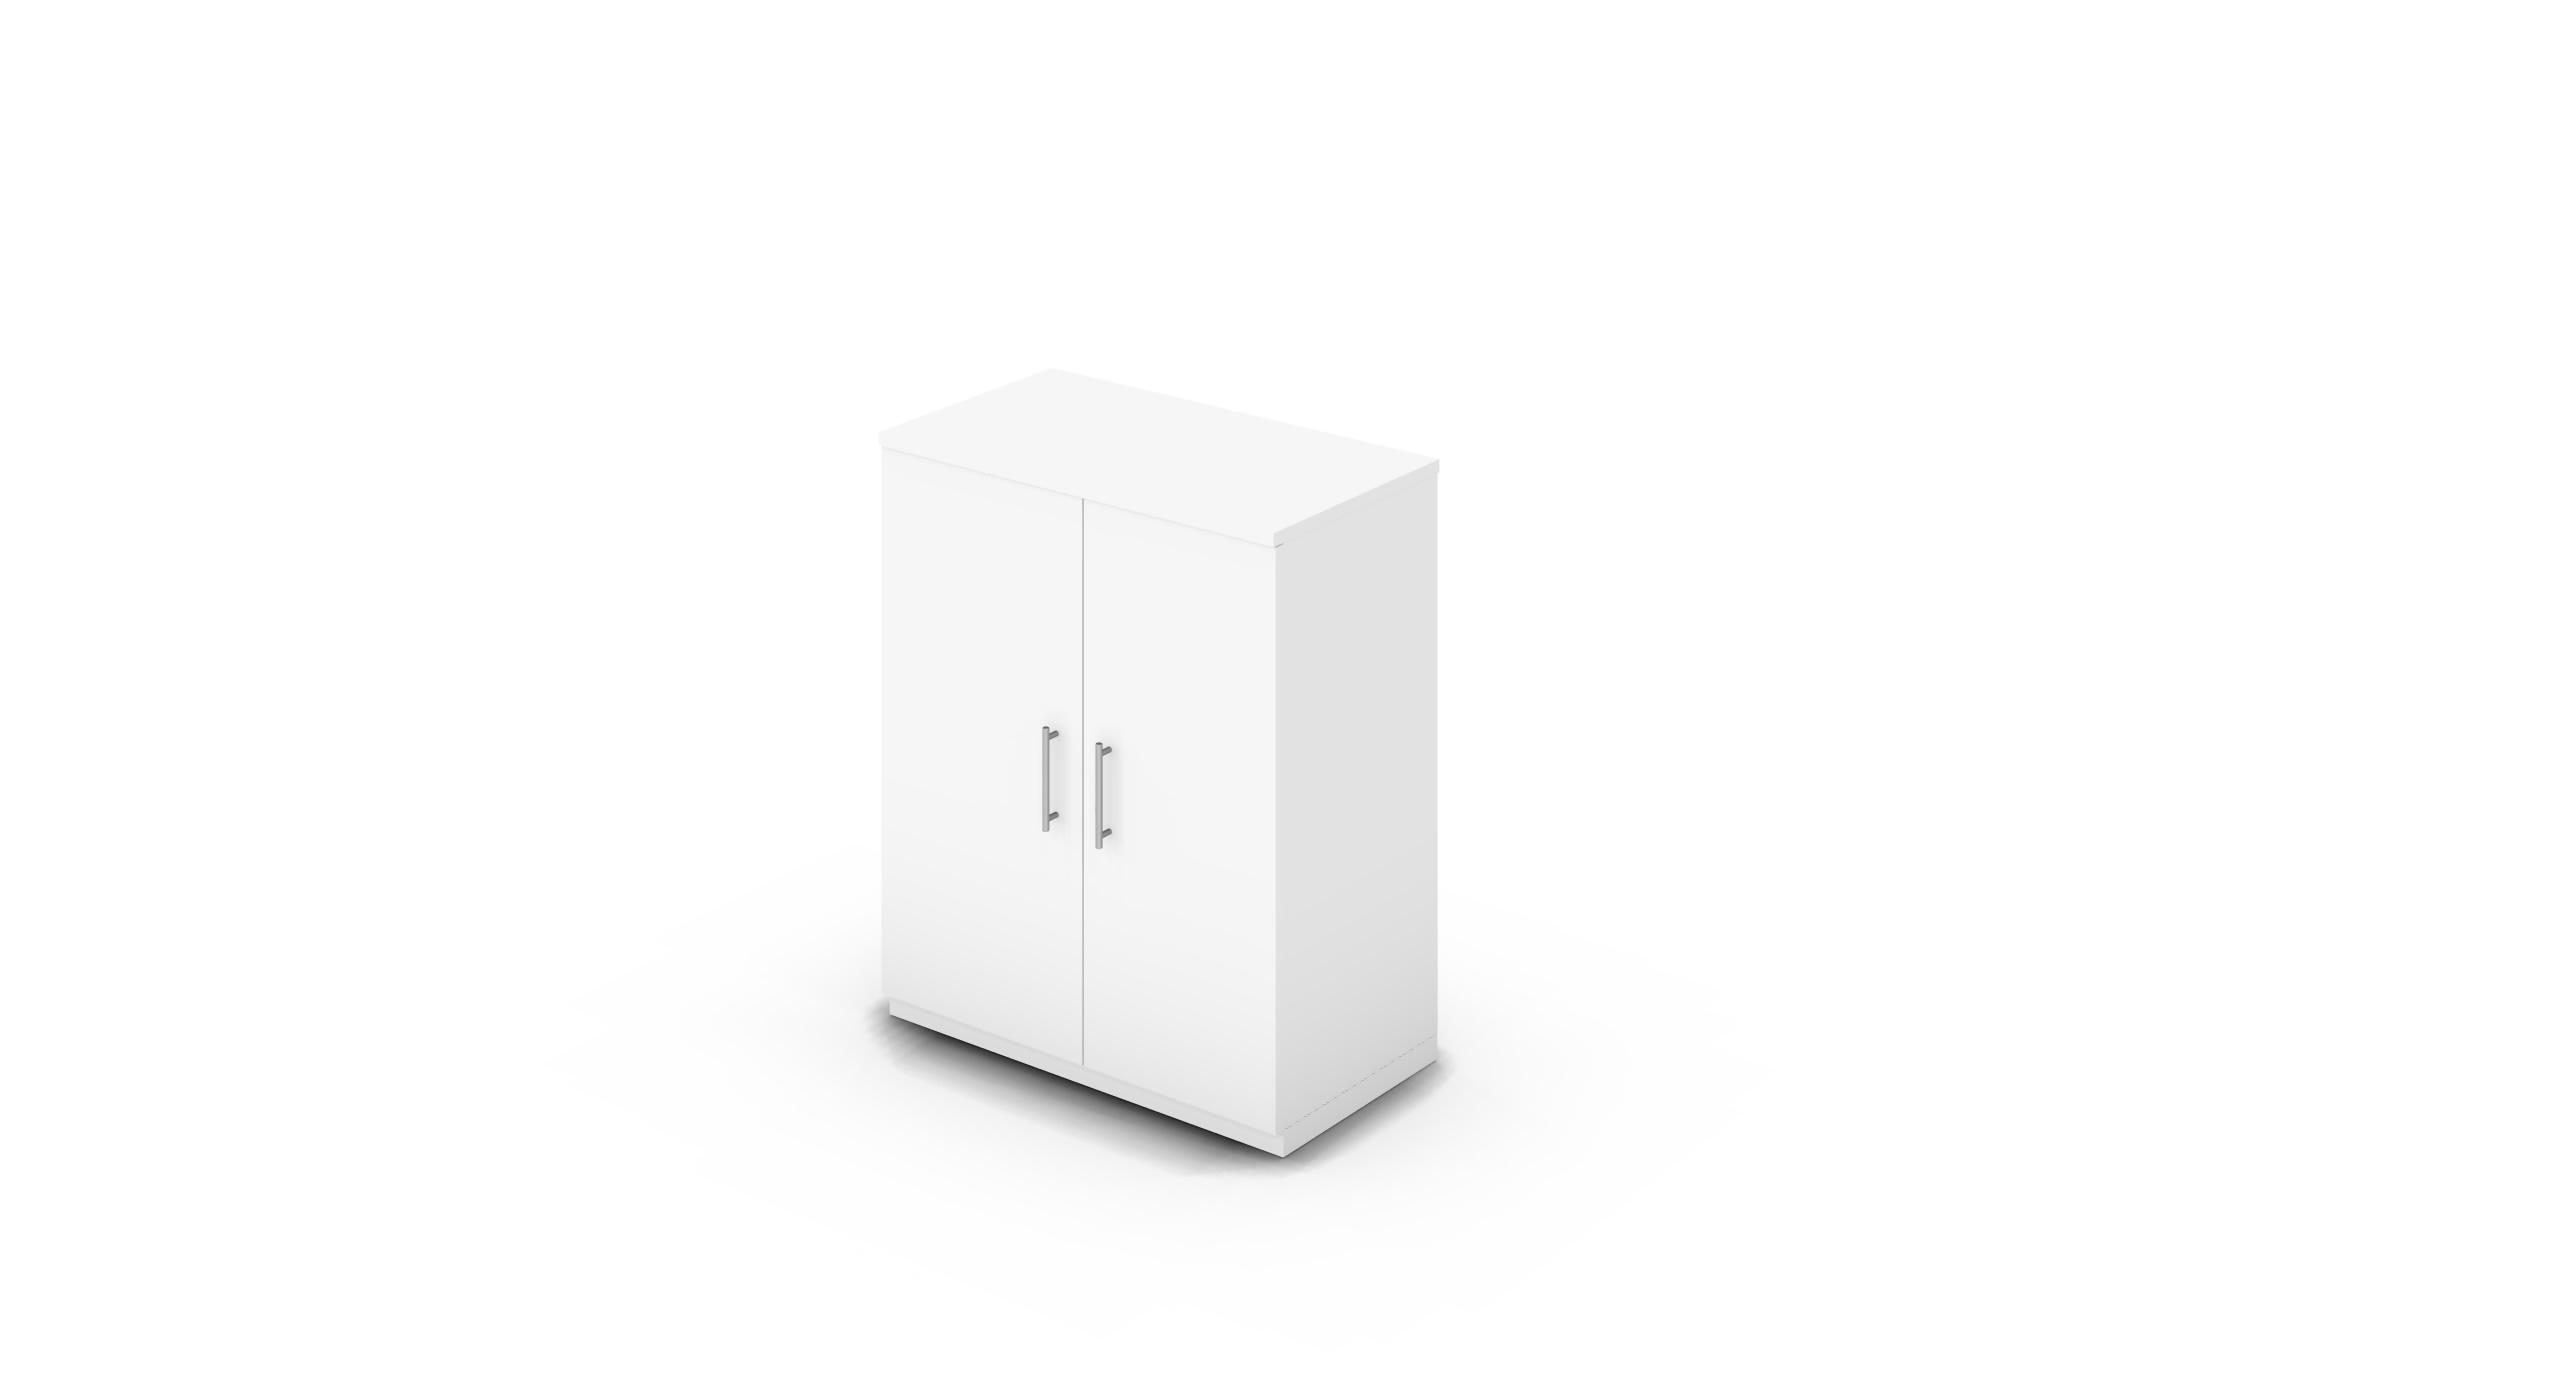 Cabinet_800x450x1125_HD_White_Bar_Round_NoCylinder